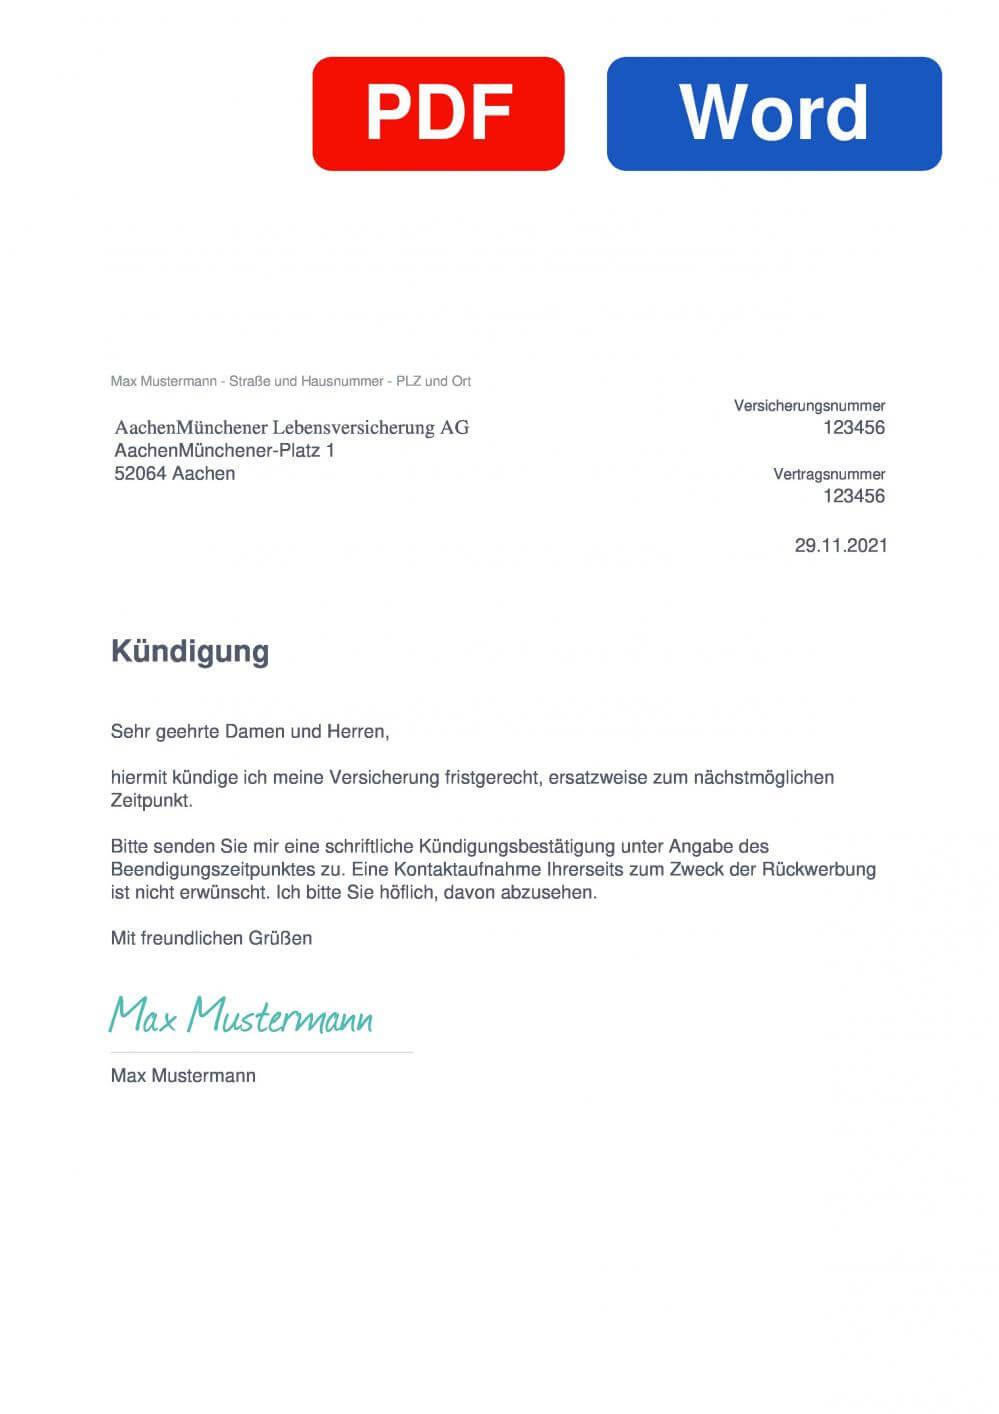 AachenMünchener Lebensversicherung Muster Vorlage für Kündigungsschreiben